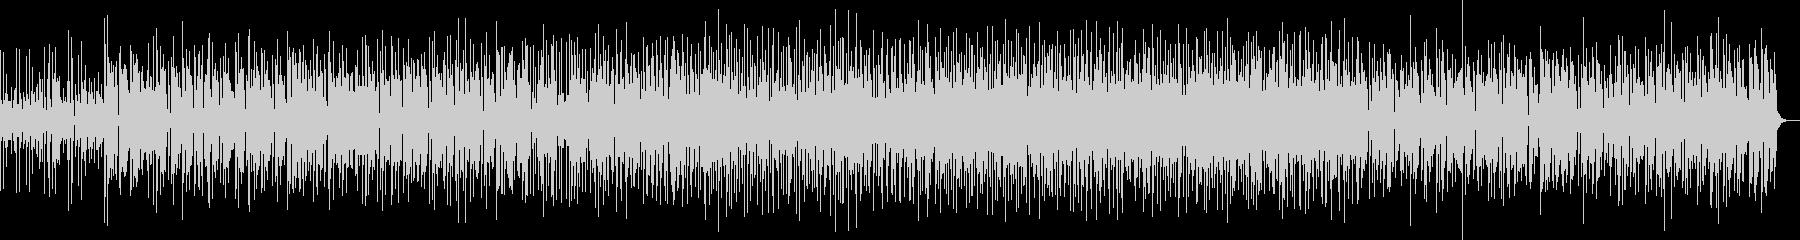 ファンキーなジャズは、エレクトリッ...の未再生の波形